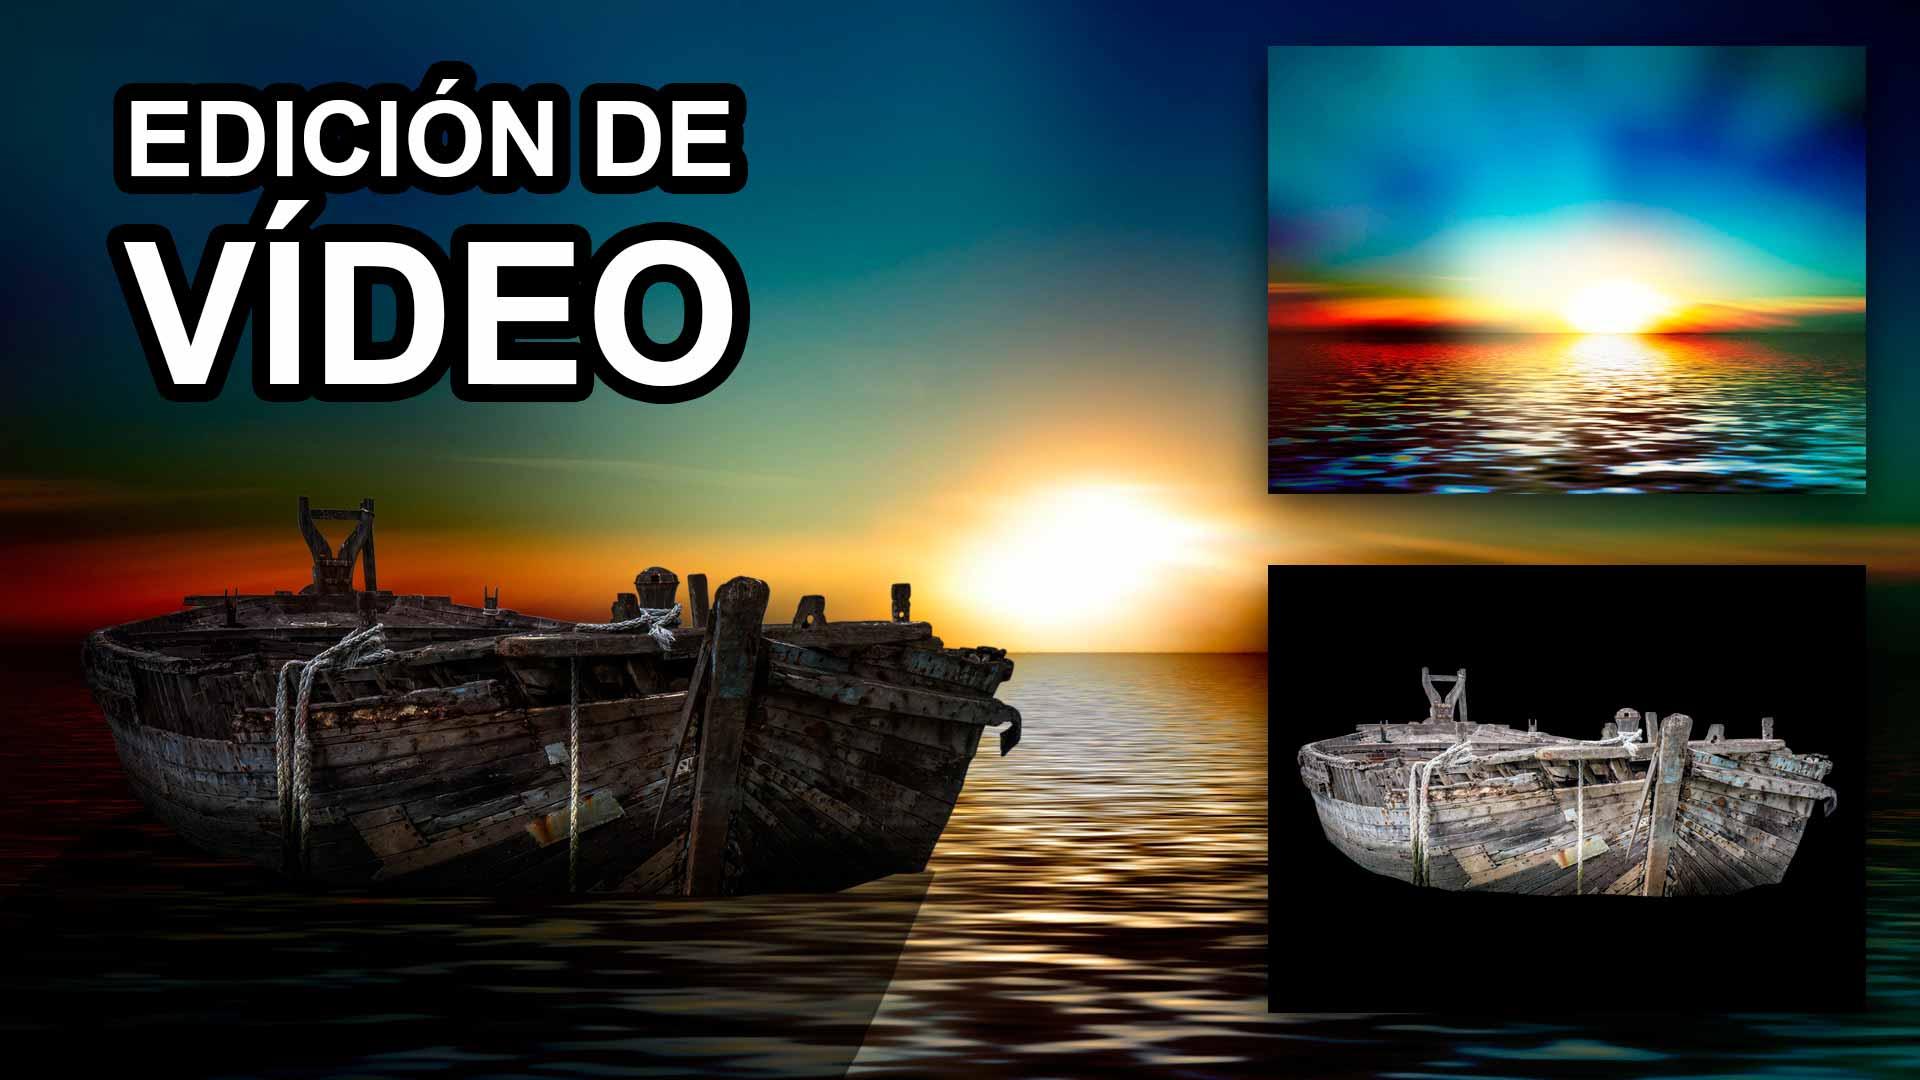 Edición de Vídeos – Qué es y para qué sirve